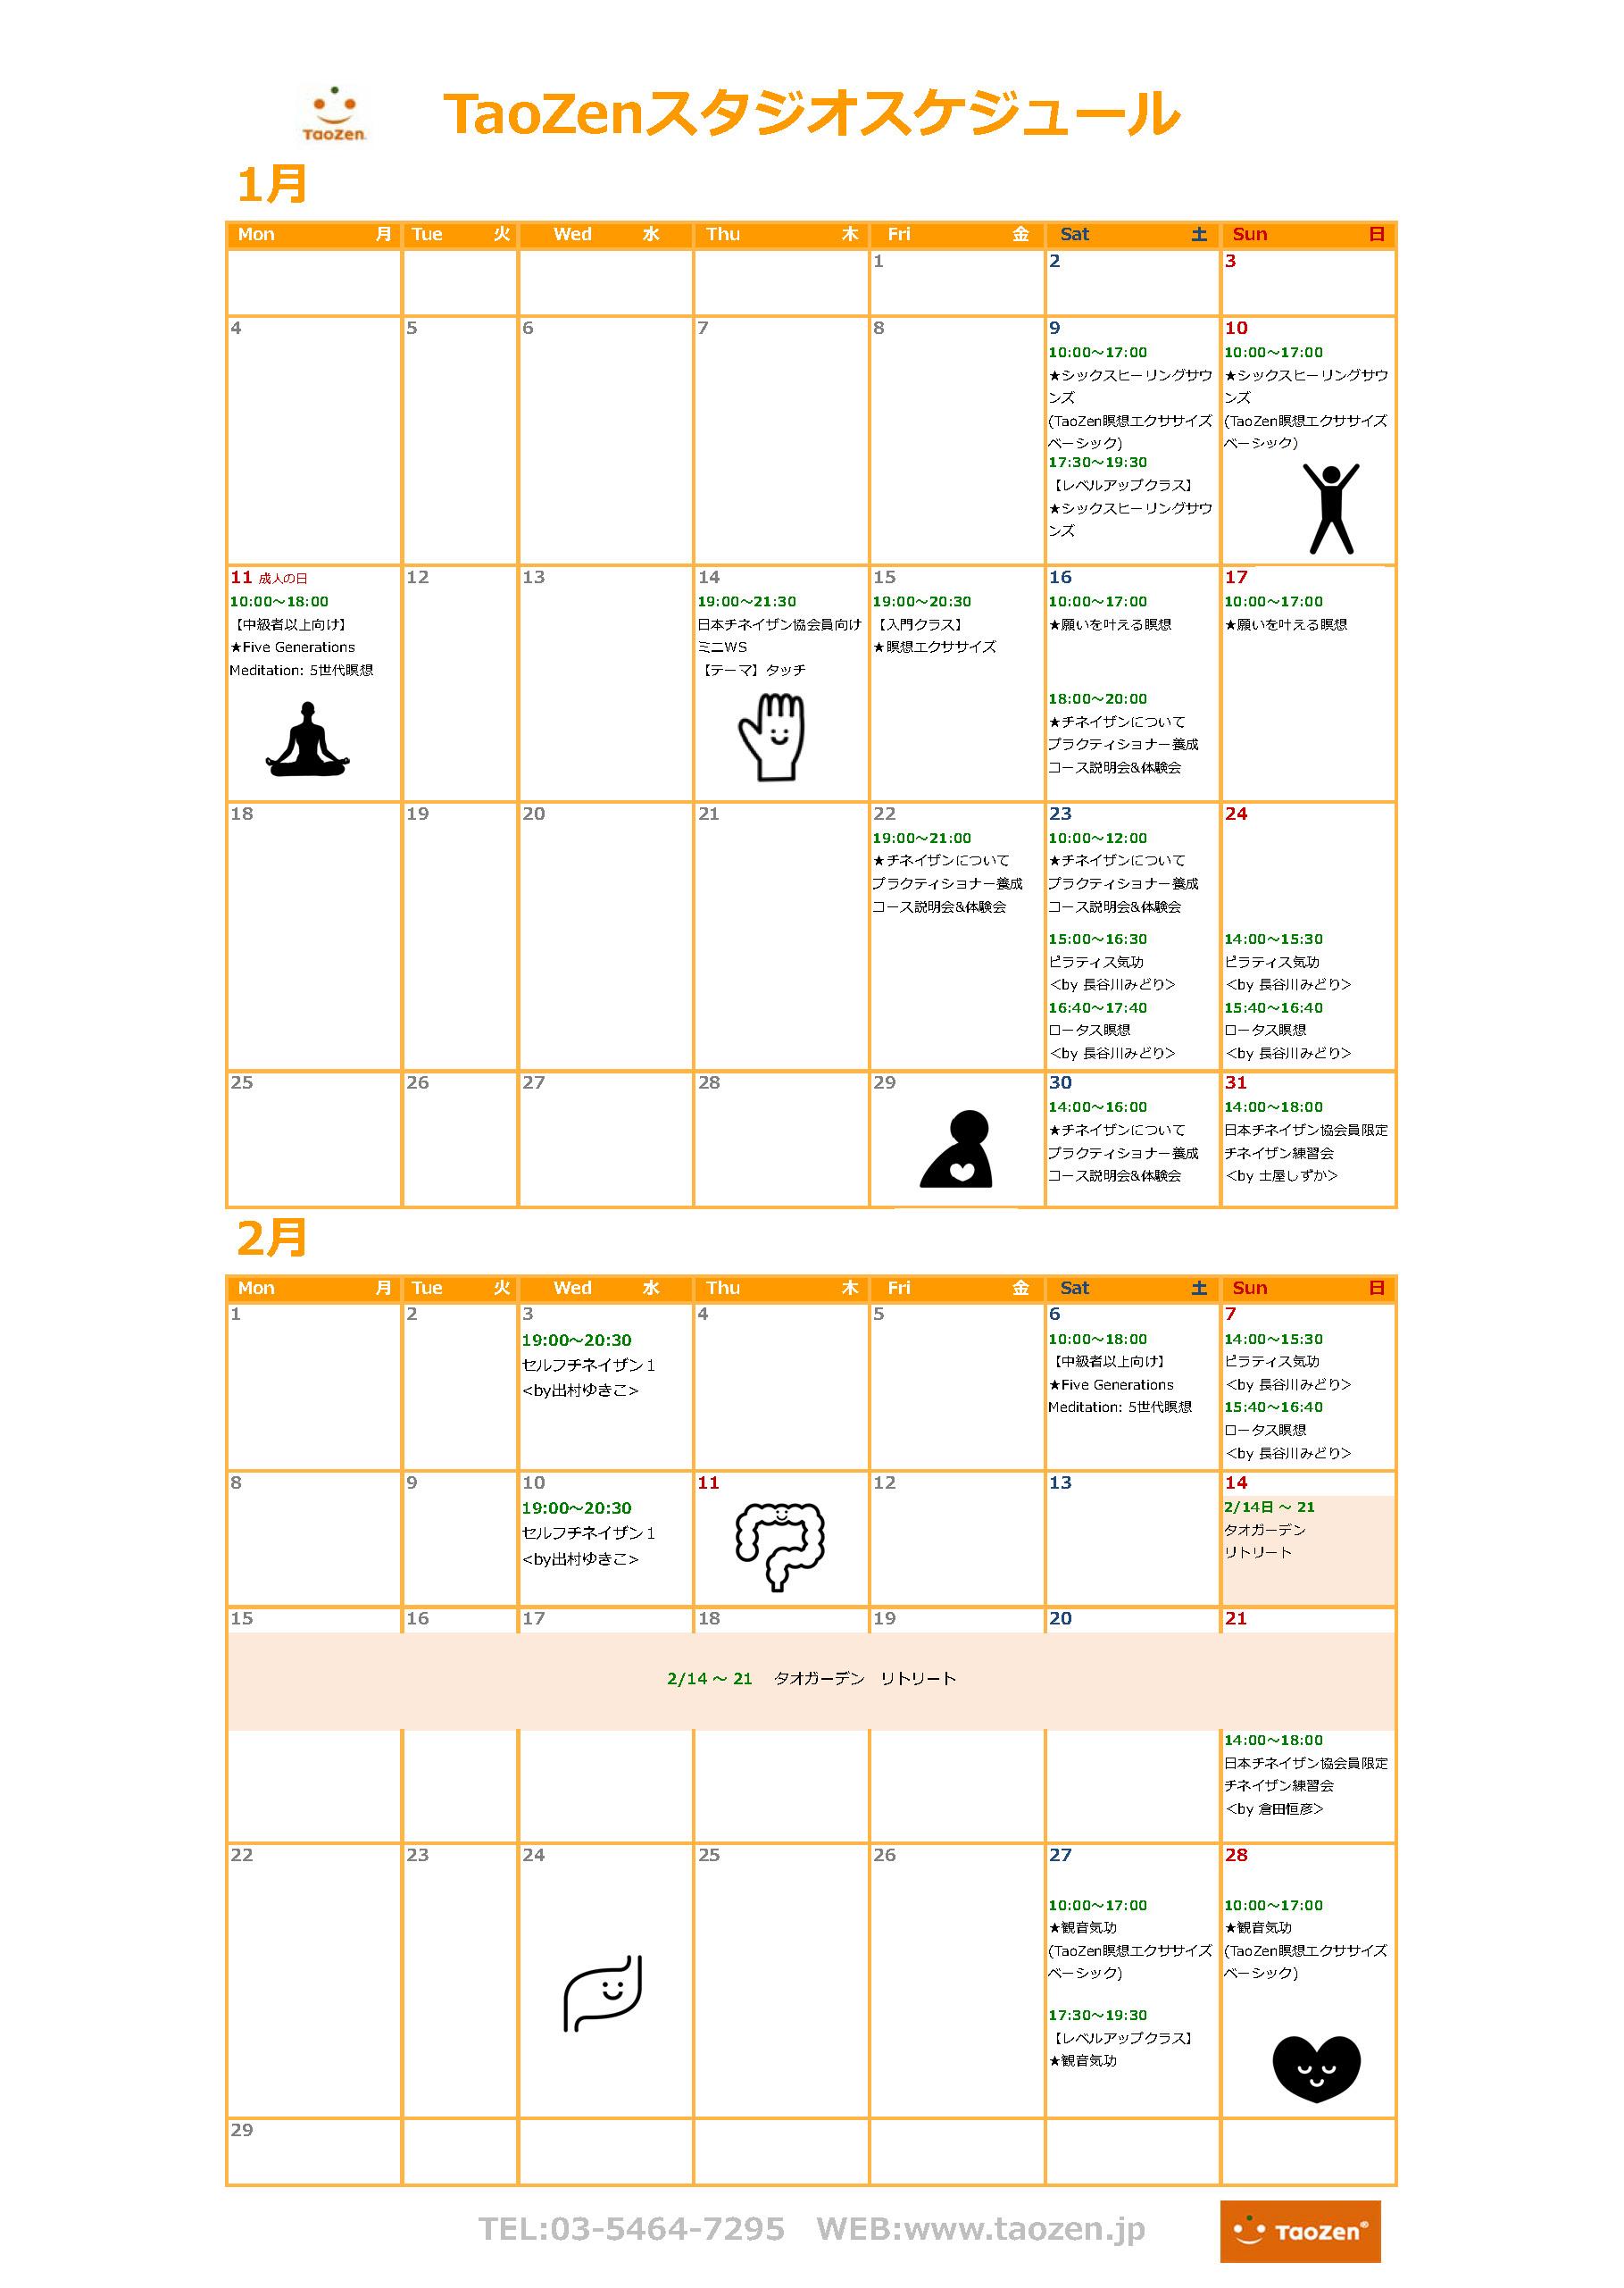 taozen_schedule1601